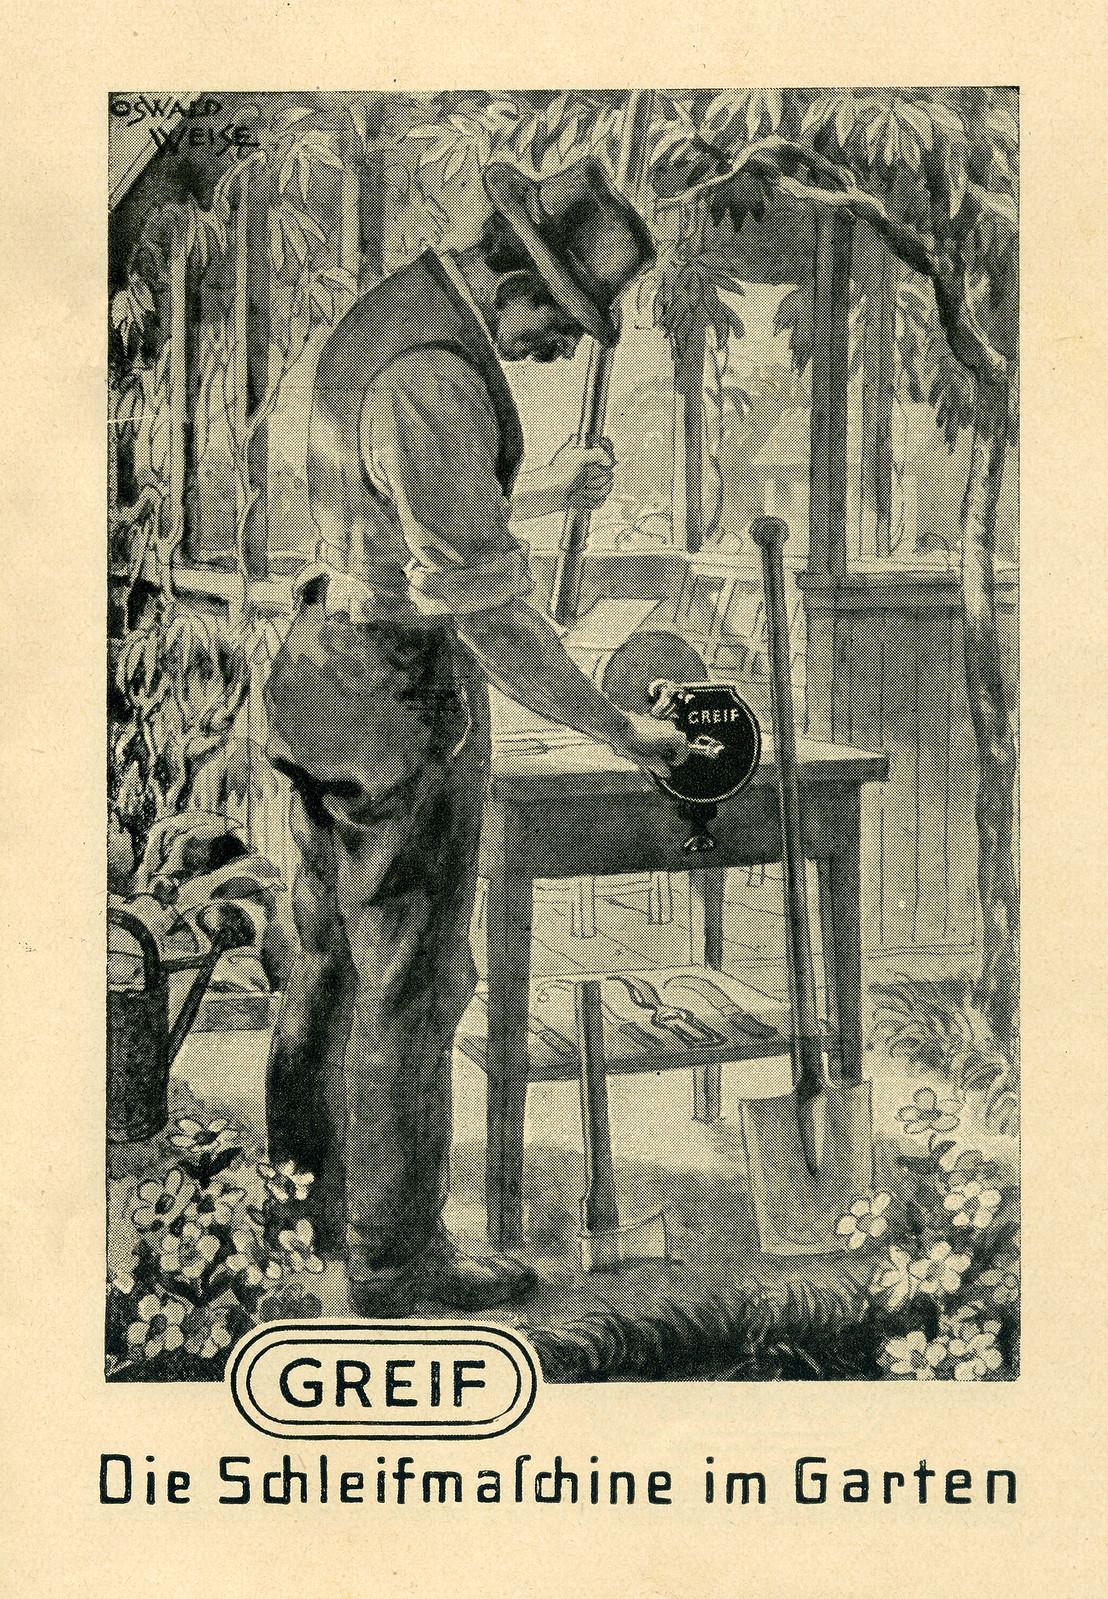 Werbeheftchen für Greif Schleifmaschinen, Bild 1